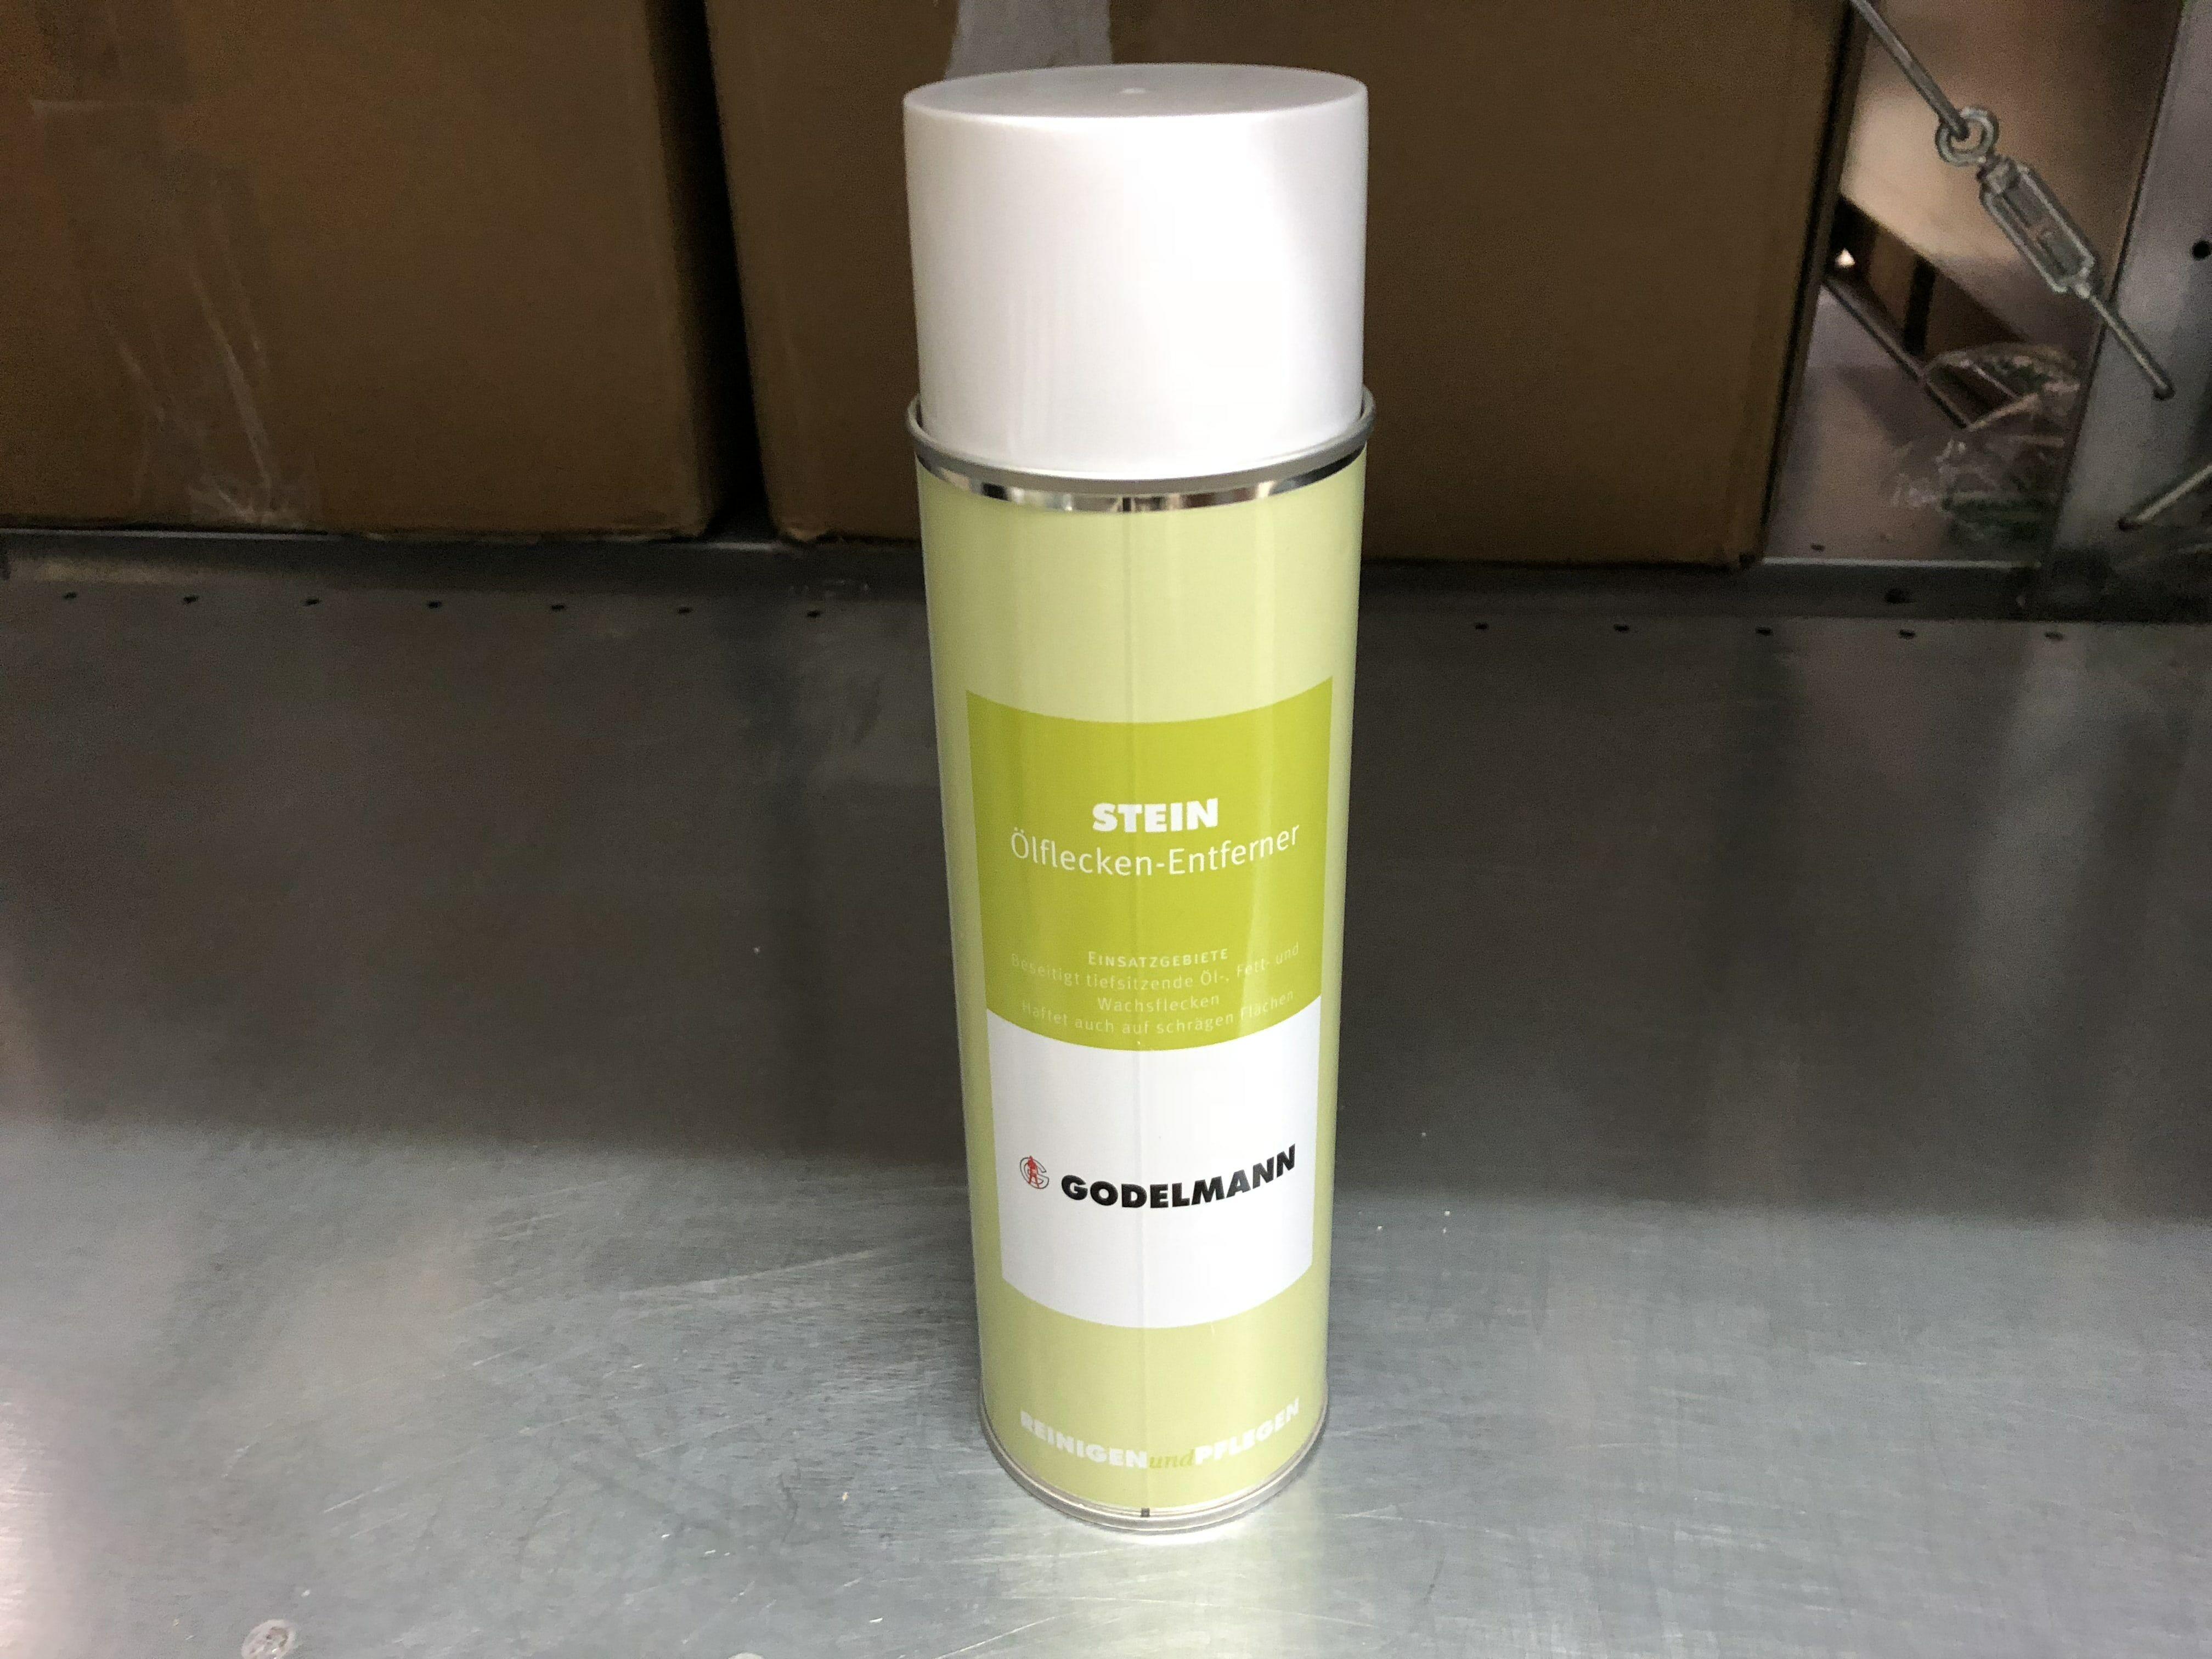 Ölflecken-Entferner 500 ml